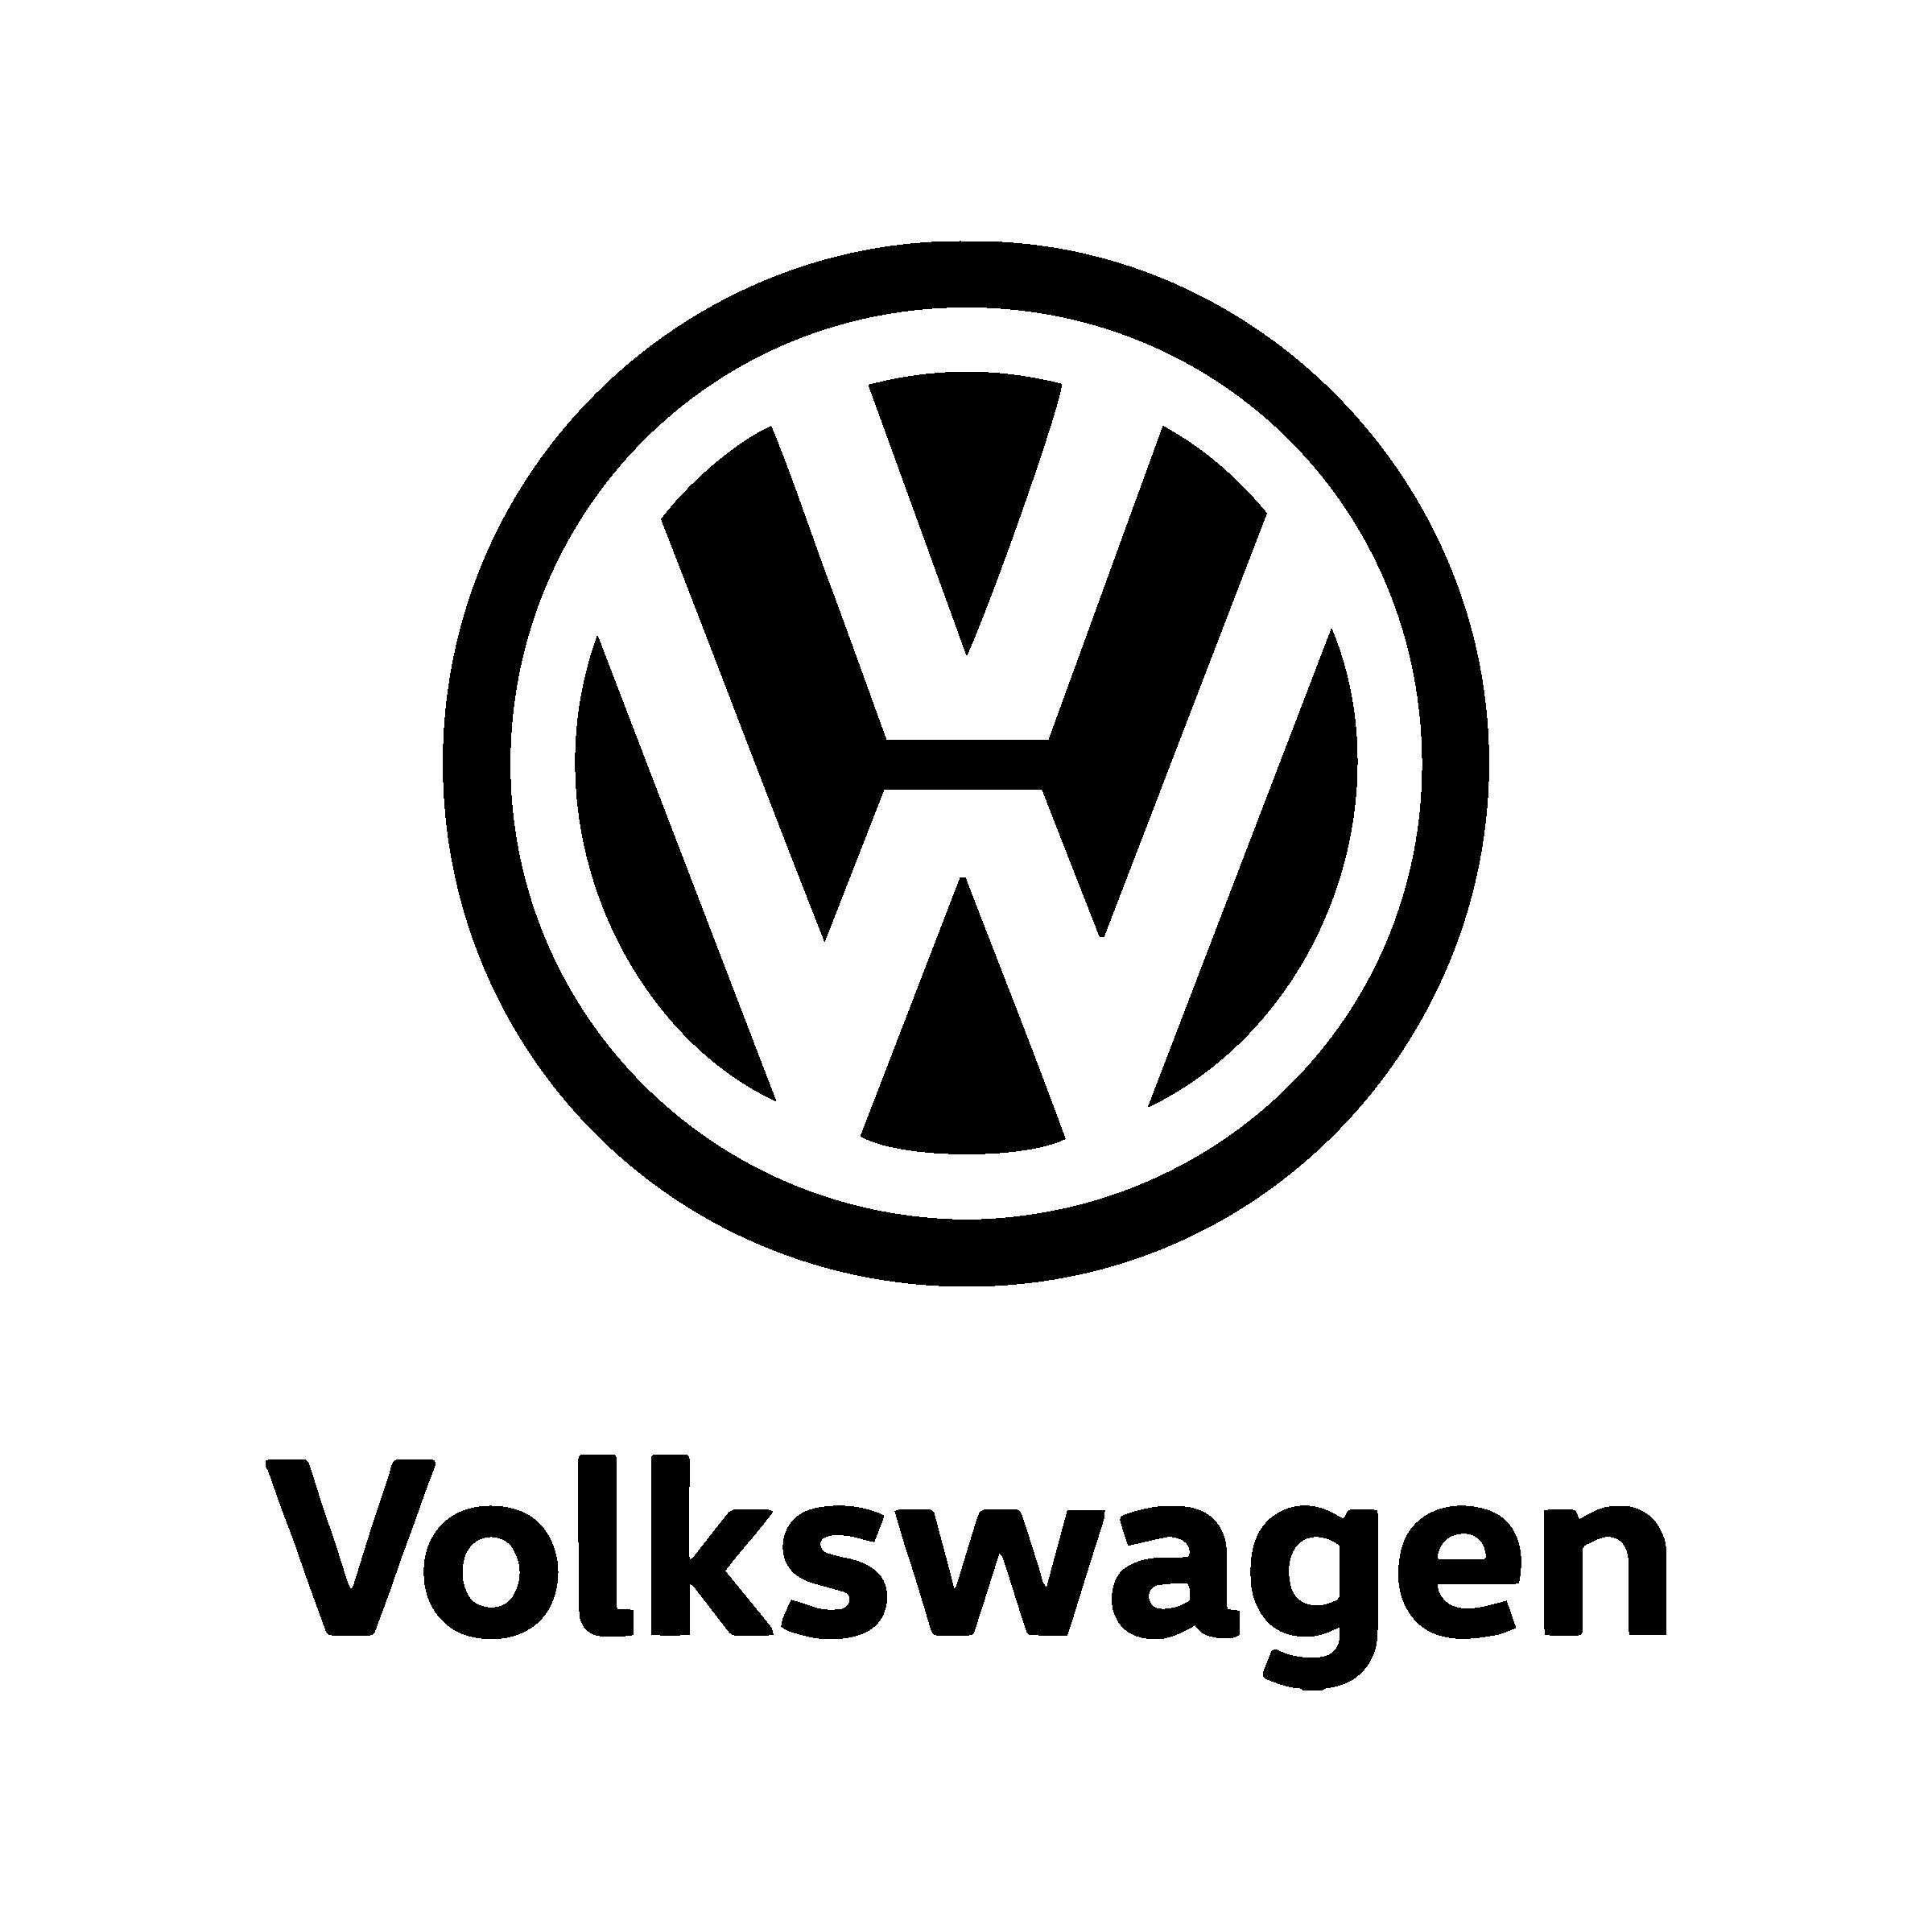 volkswagen-01.png